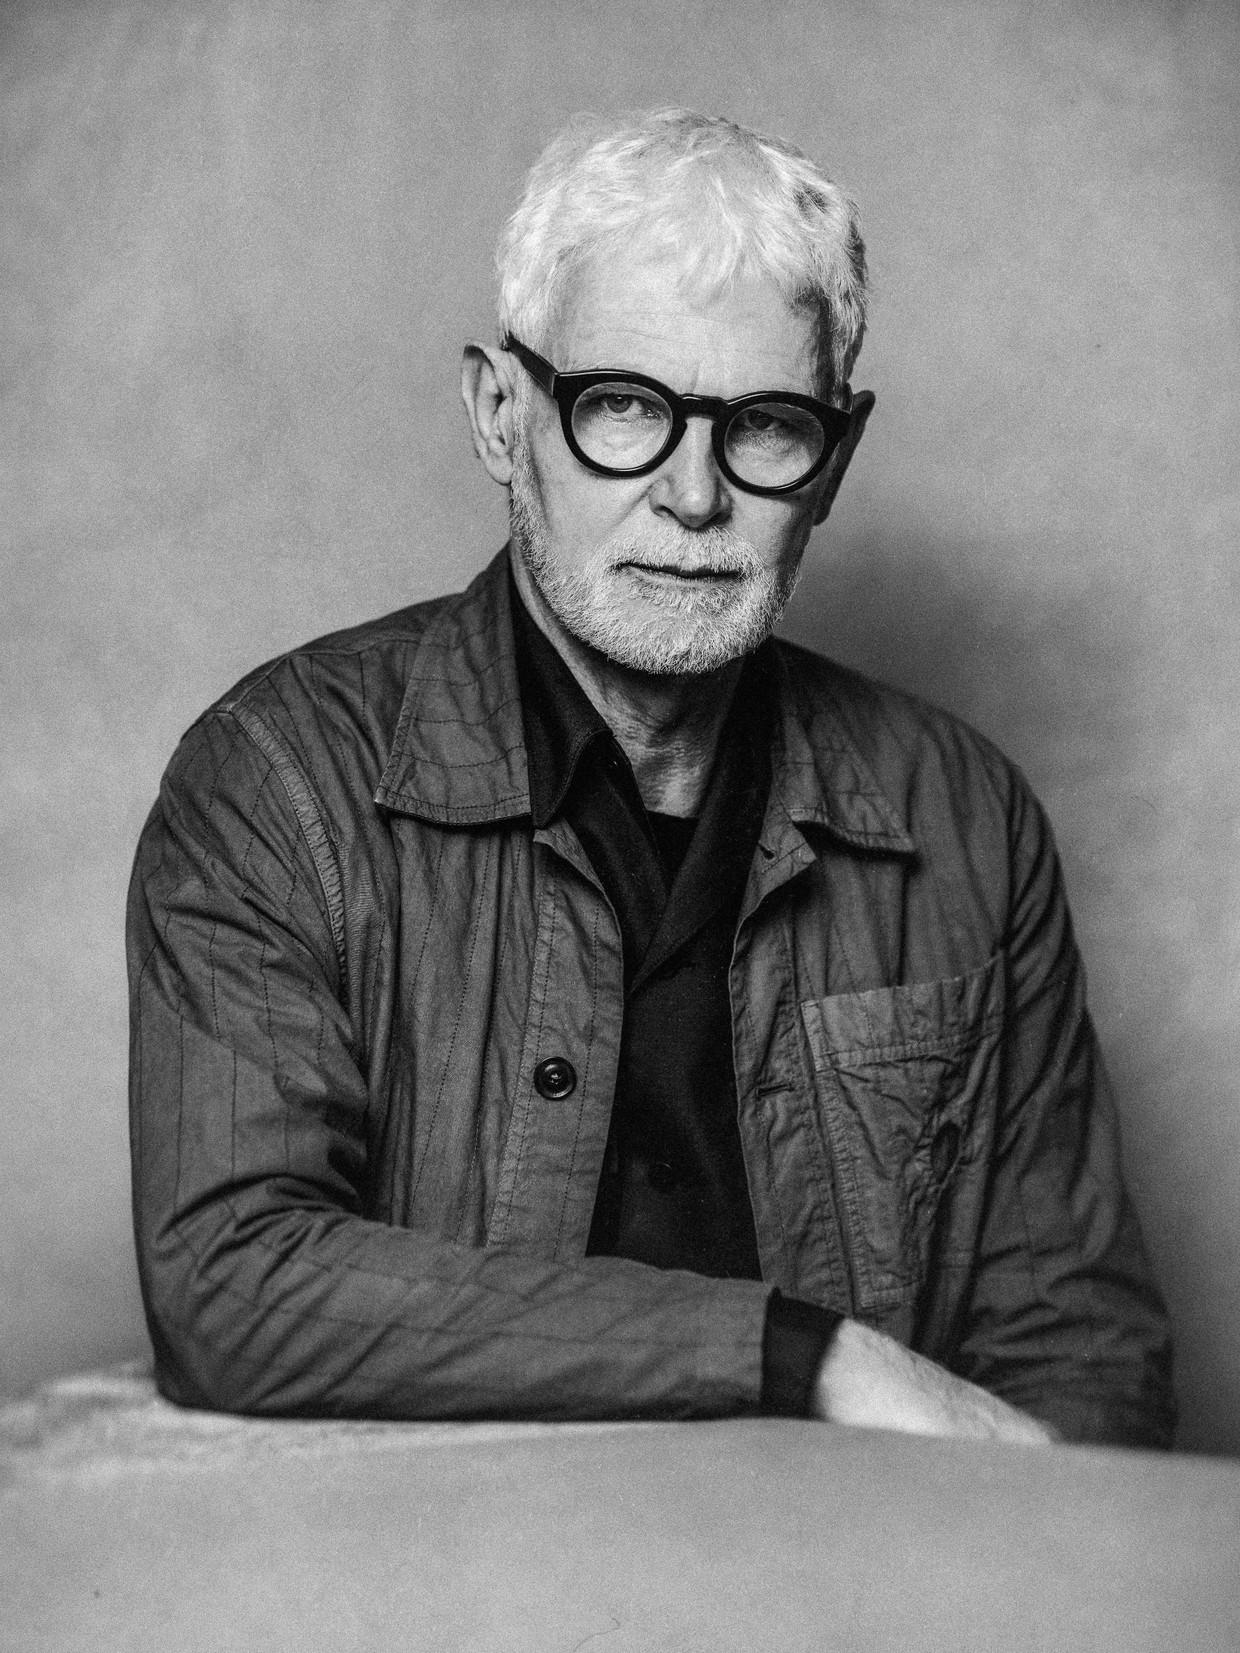 Rein Wolfs (60) is sinds 1 december 2019 directeur van het Stedelijk Museum Amsterdam. Daarvoor werkte hij bij de Bundeskunsthalle Bonn, Duitsland.